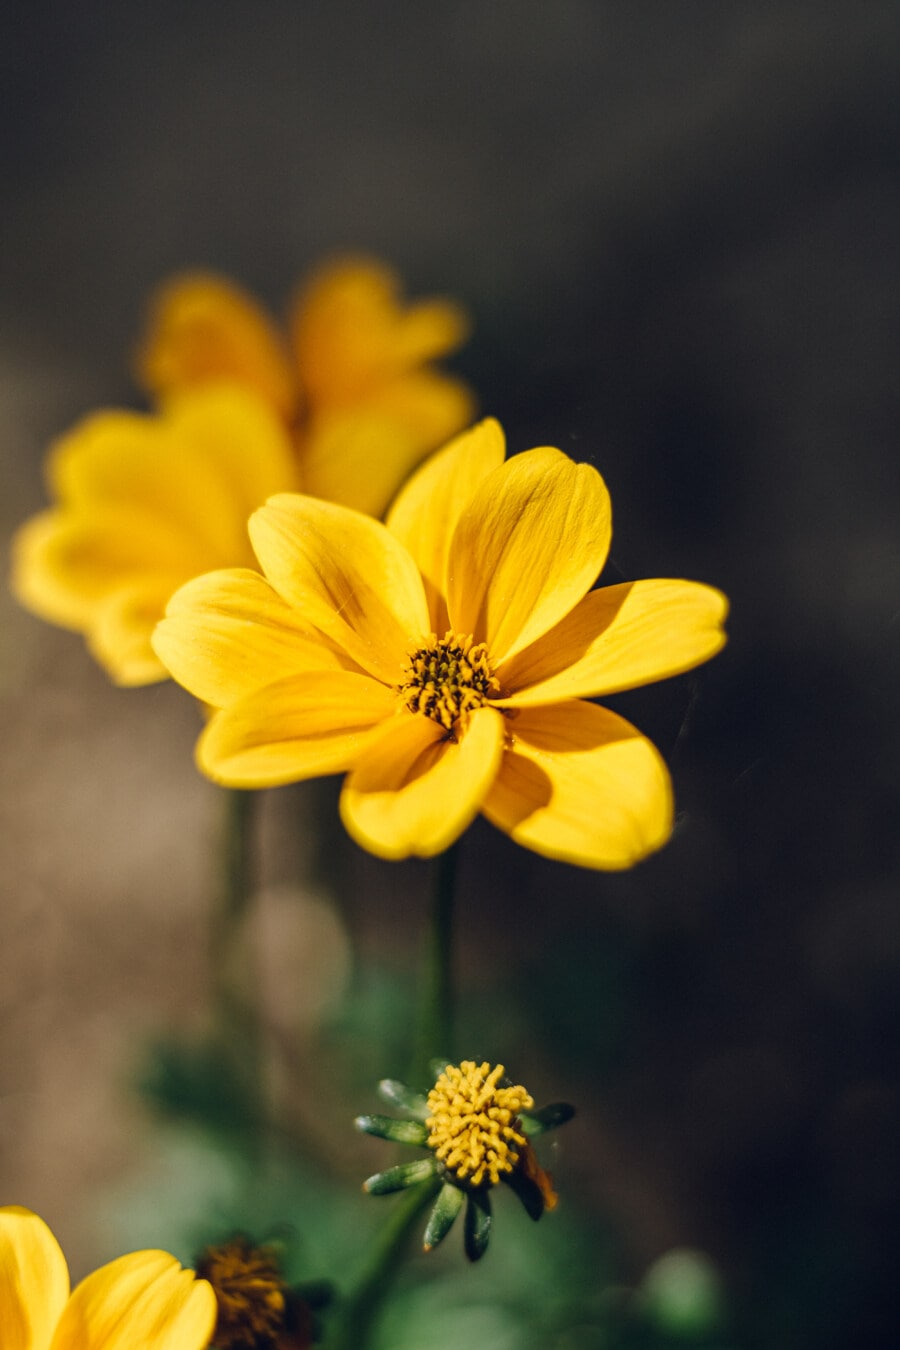 fleur, printemps, jardin, Jaune, plante, fleur, herbe, pétale, fleurs, été